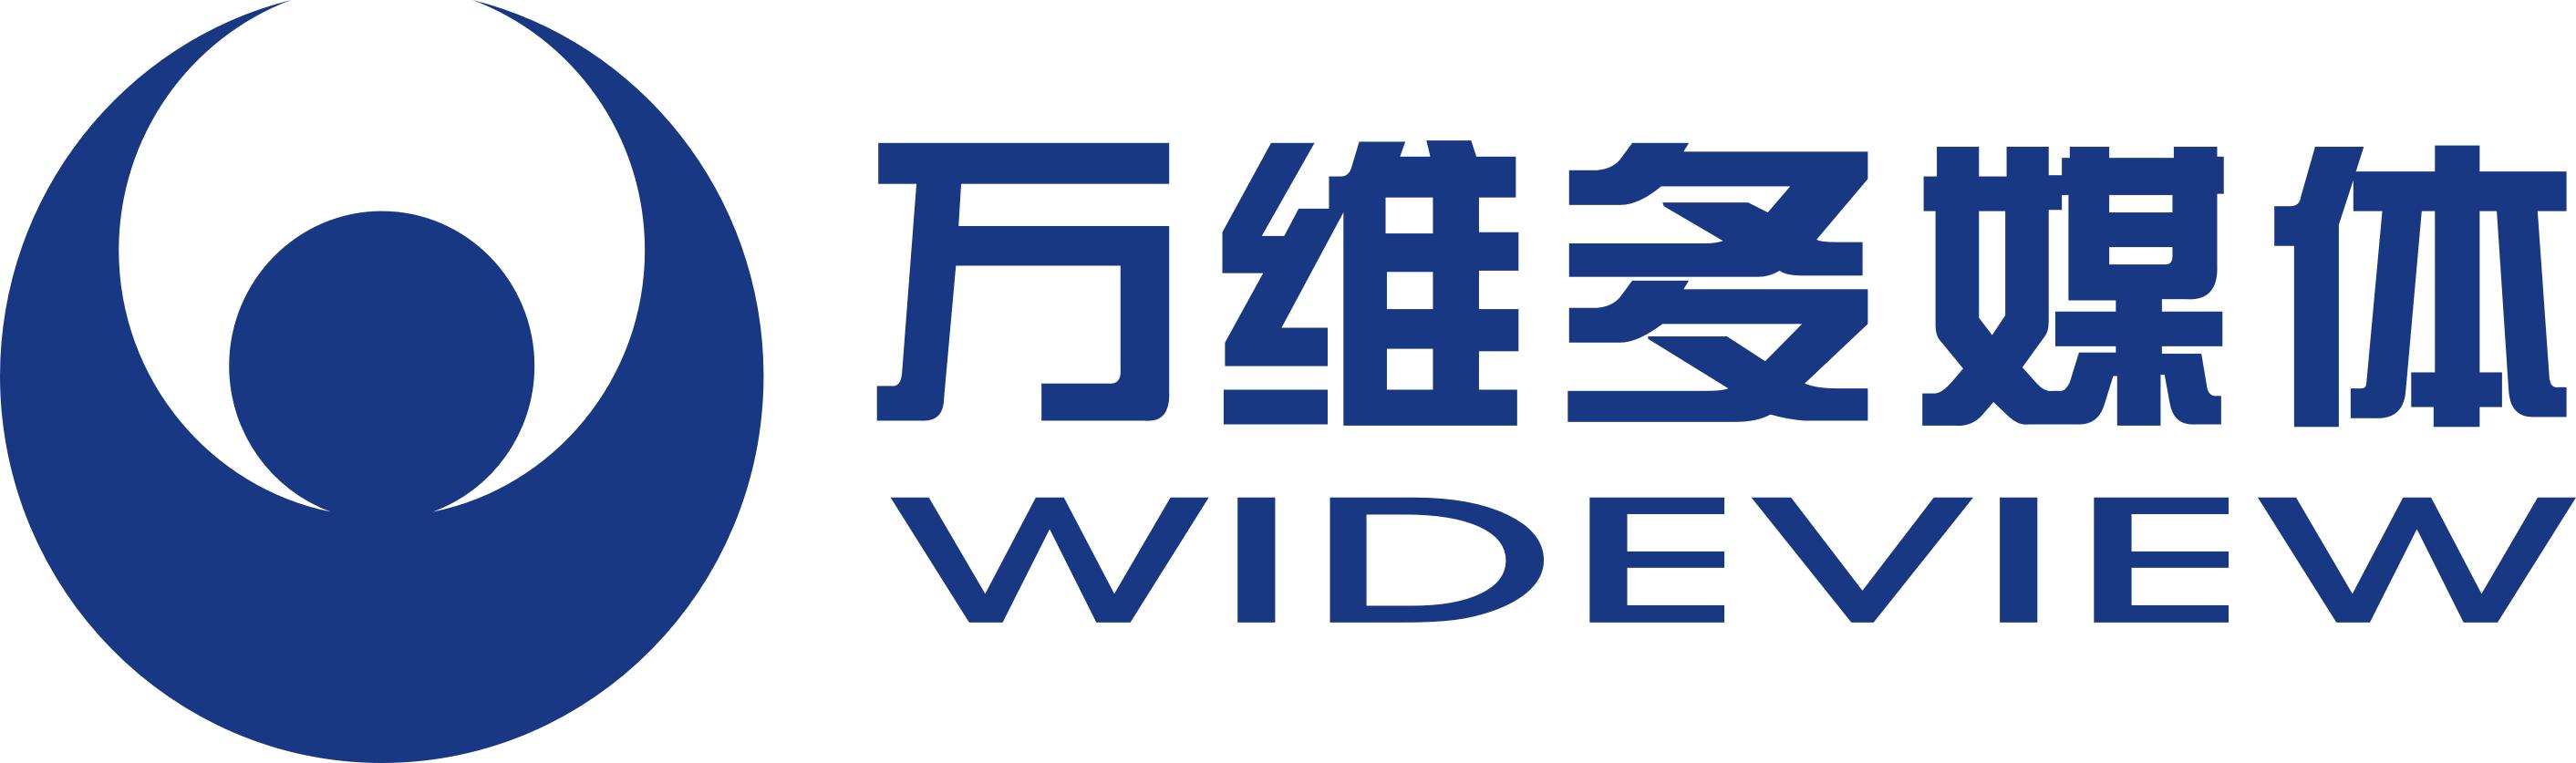 西安万维多媒体技术有限公司招聘展示设计